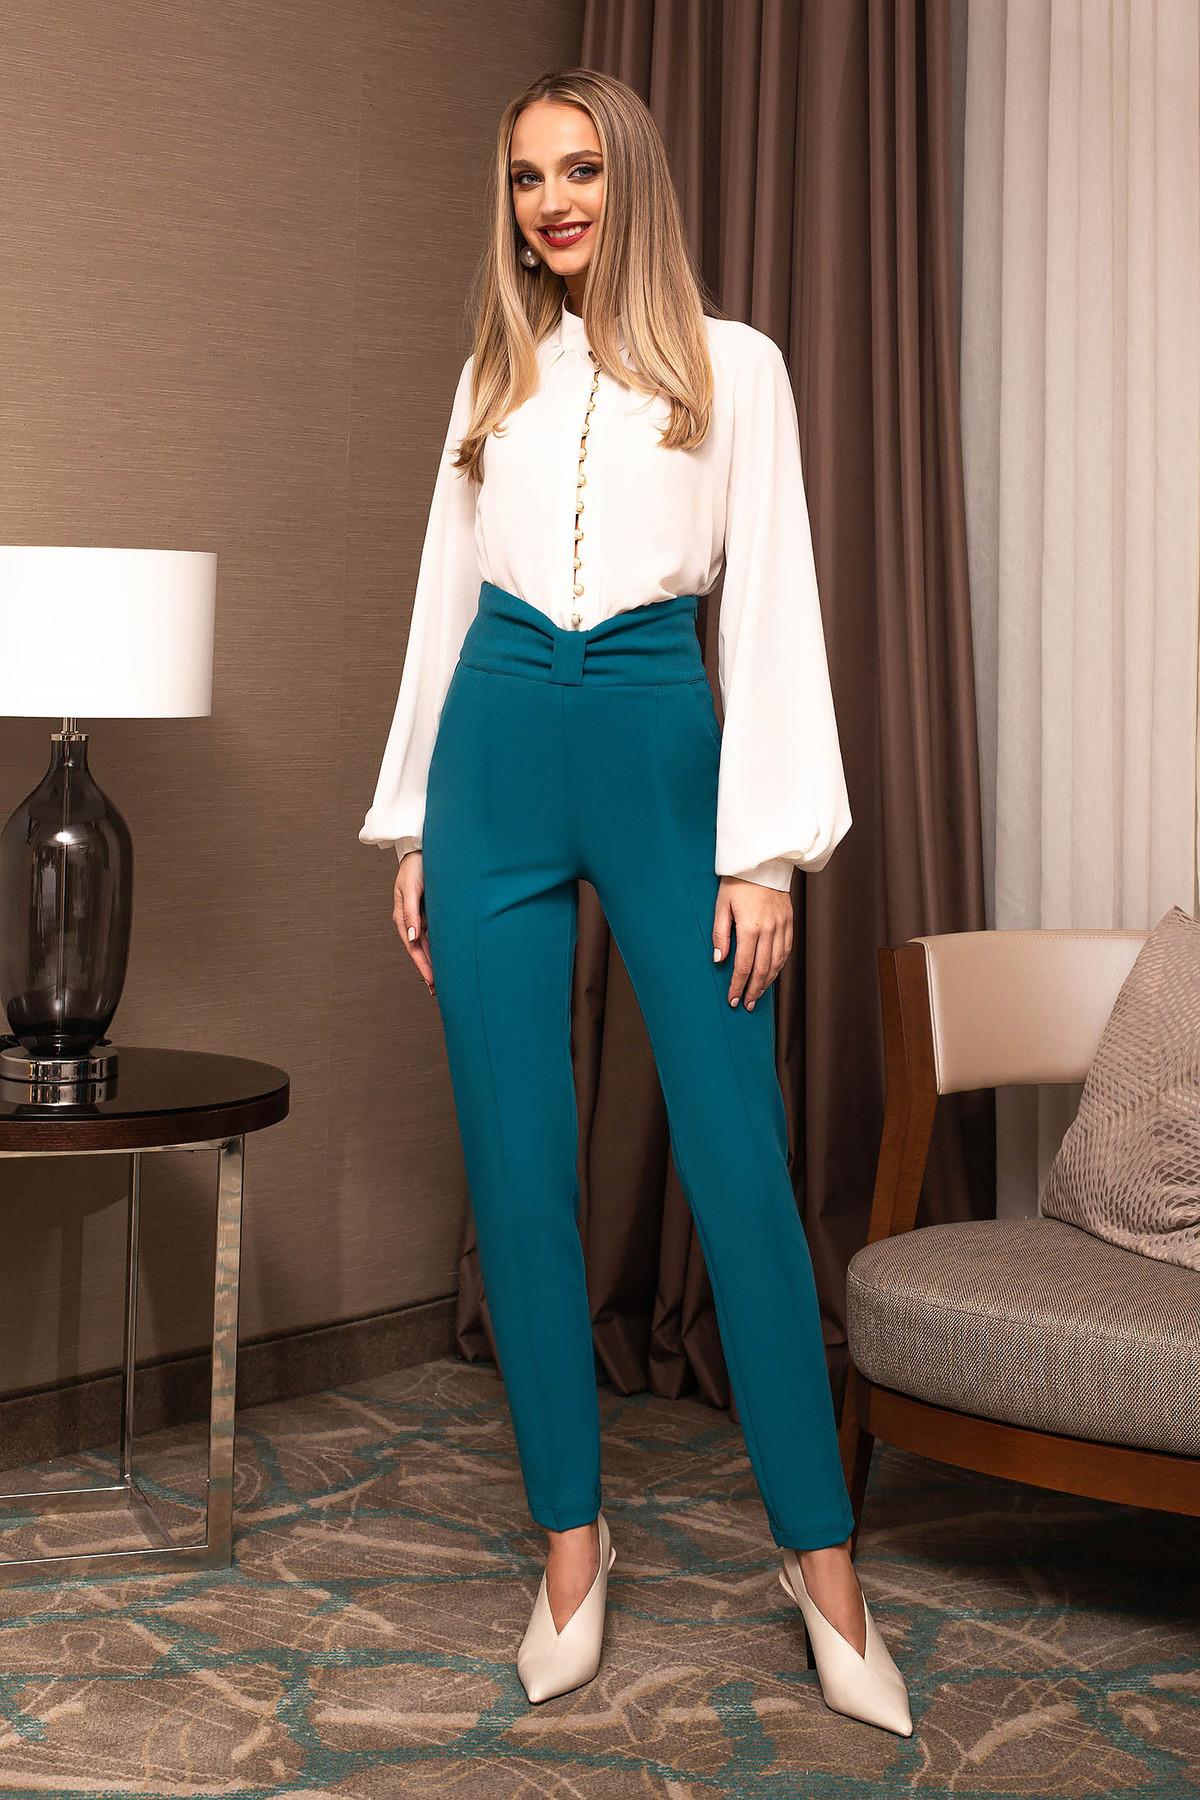 Pantaloni PrettyGirl turcoaz office din stofa conici cu talie inalta accesorizat cu o fundita imagine